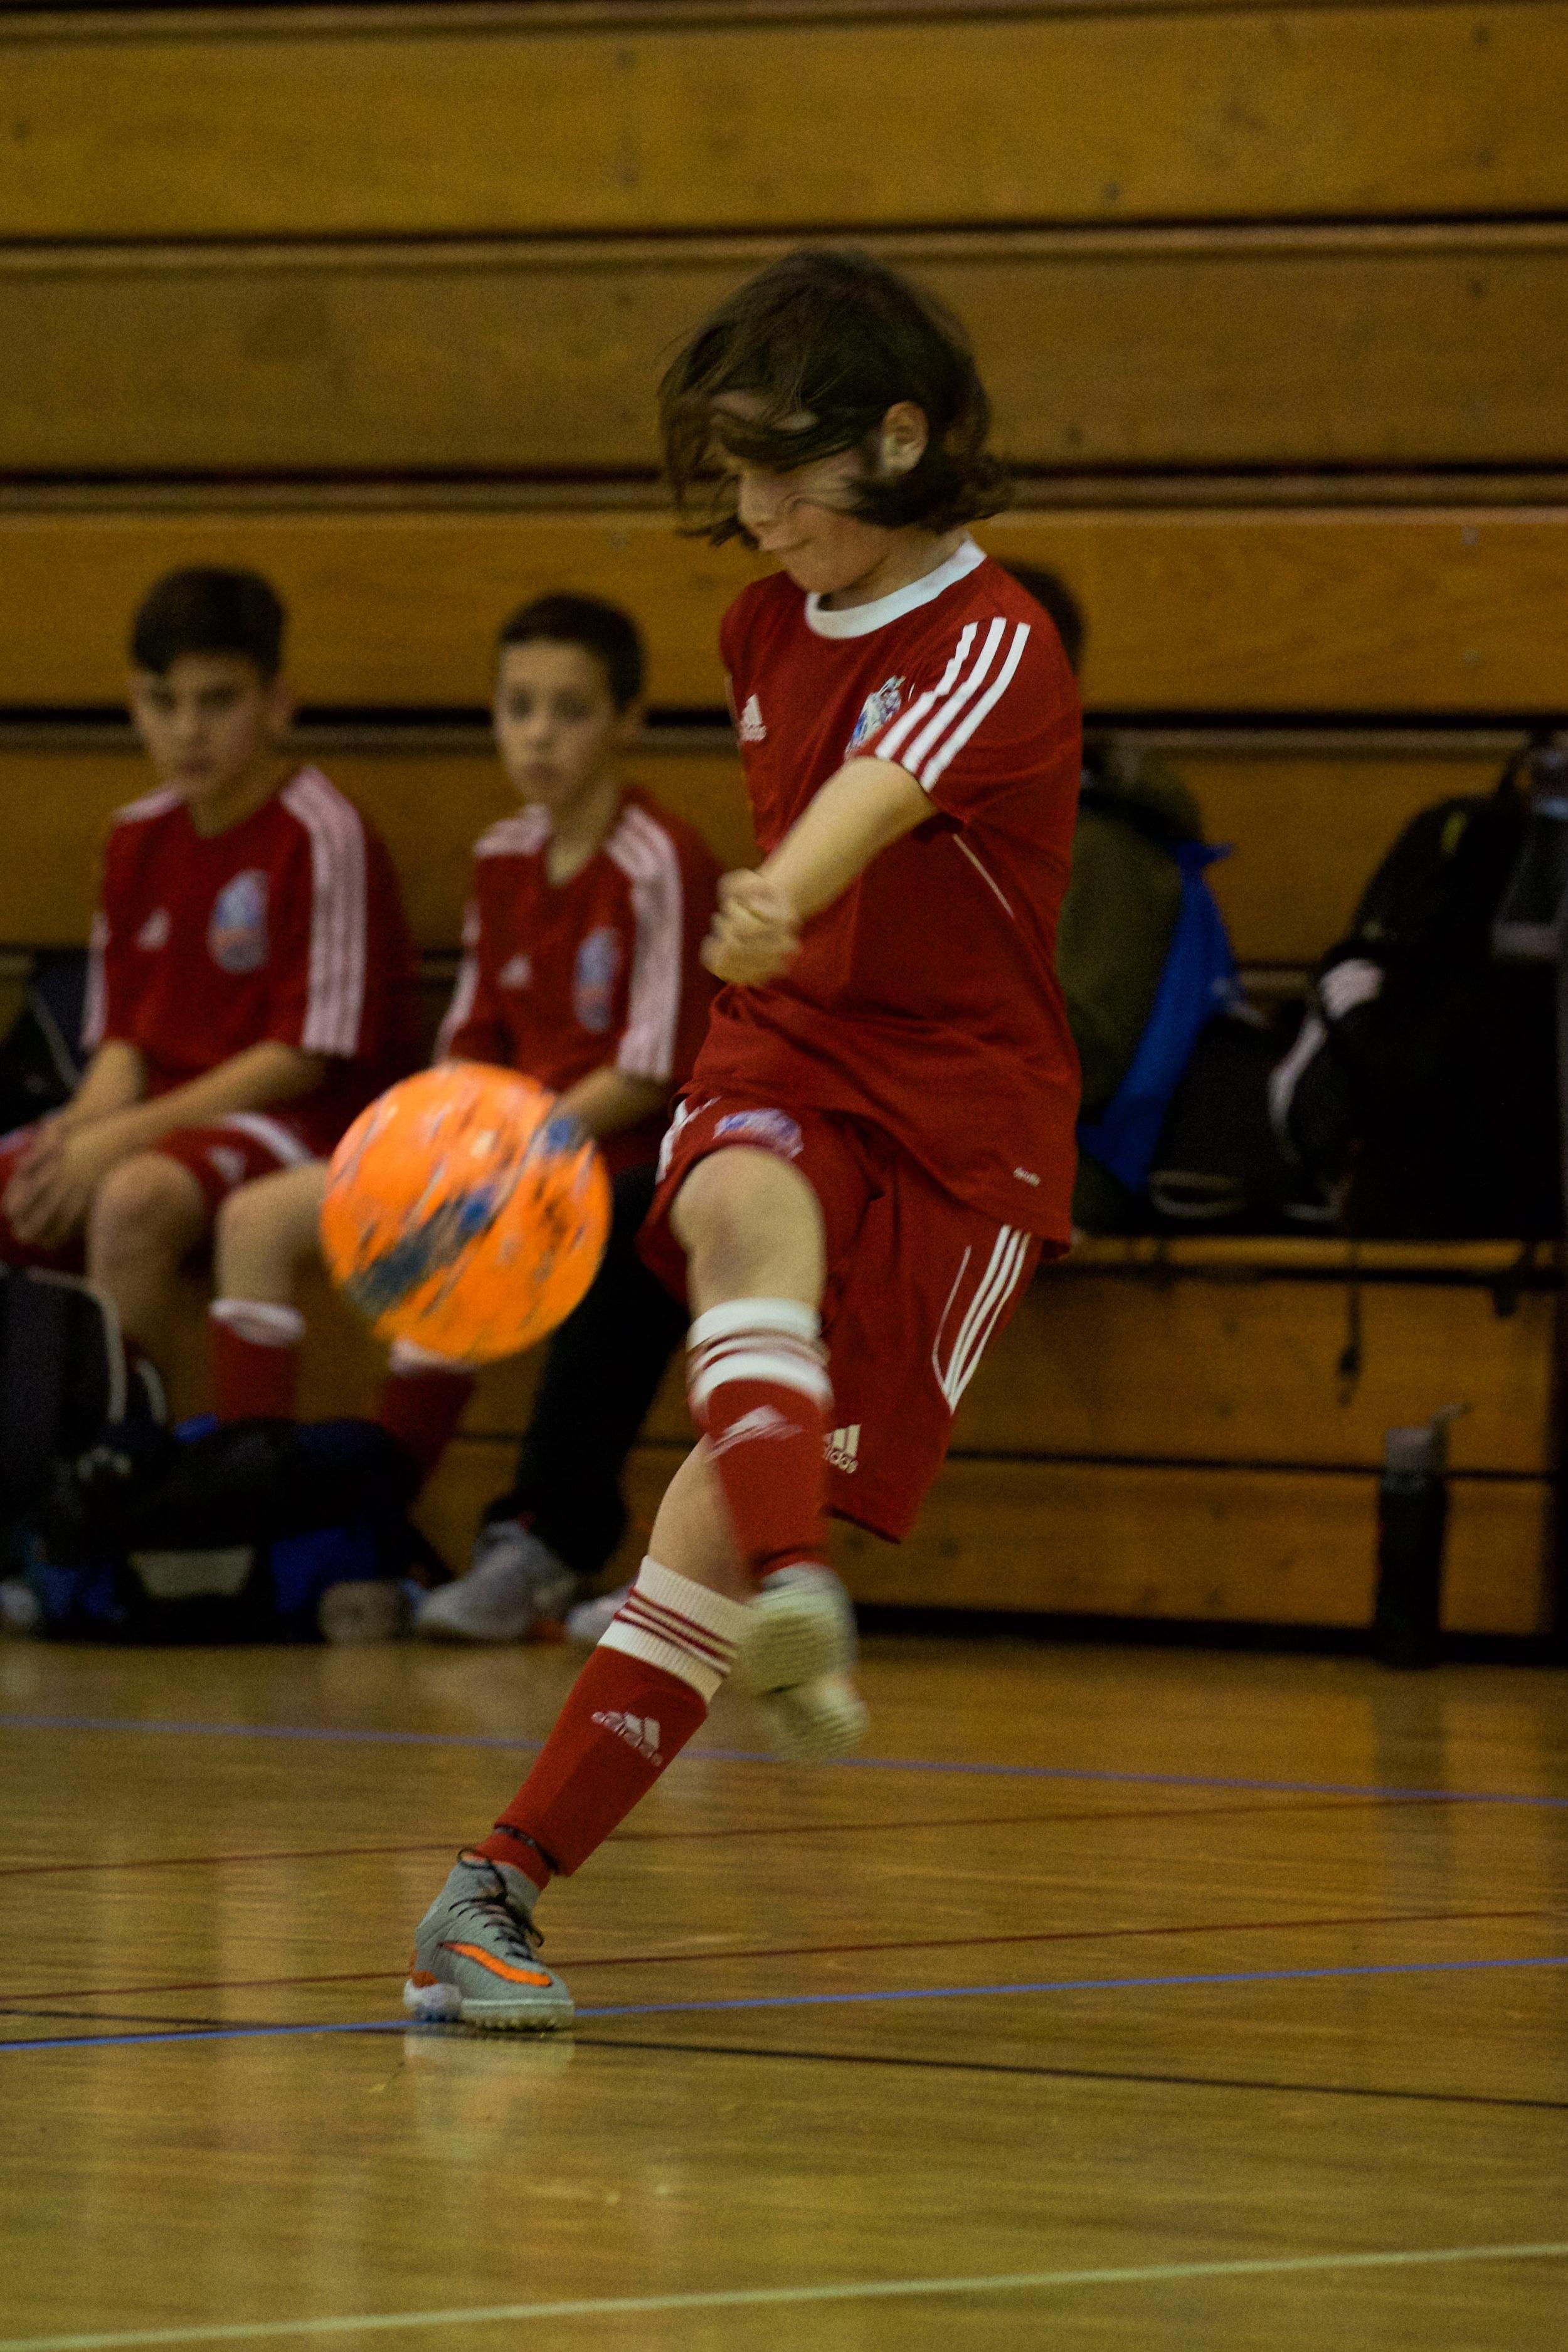 soccer 3 (14 of 36).jpg